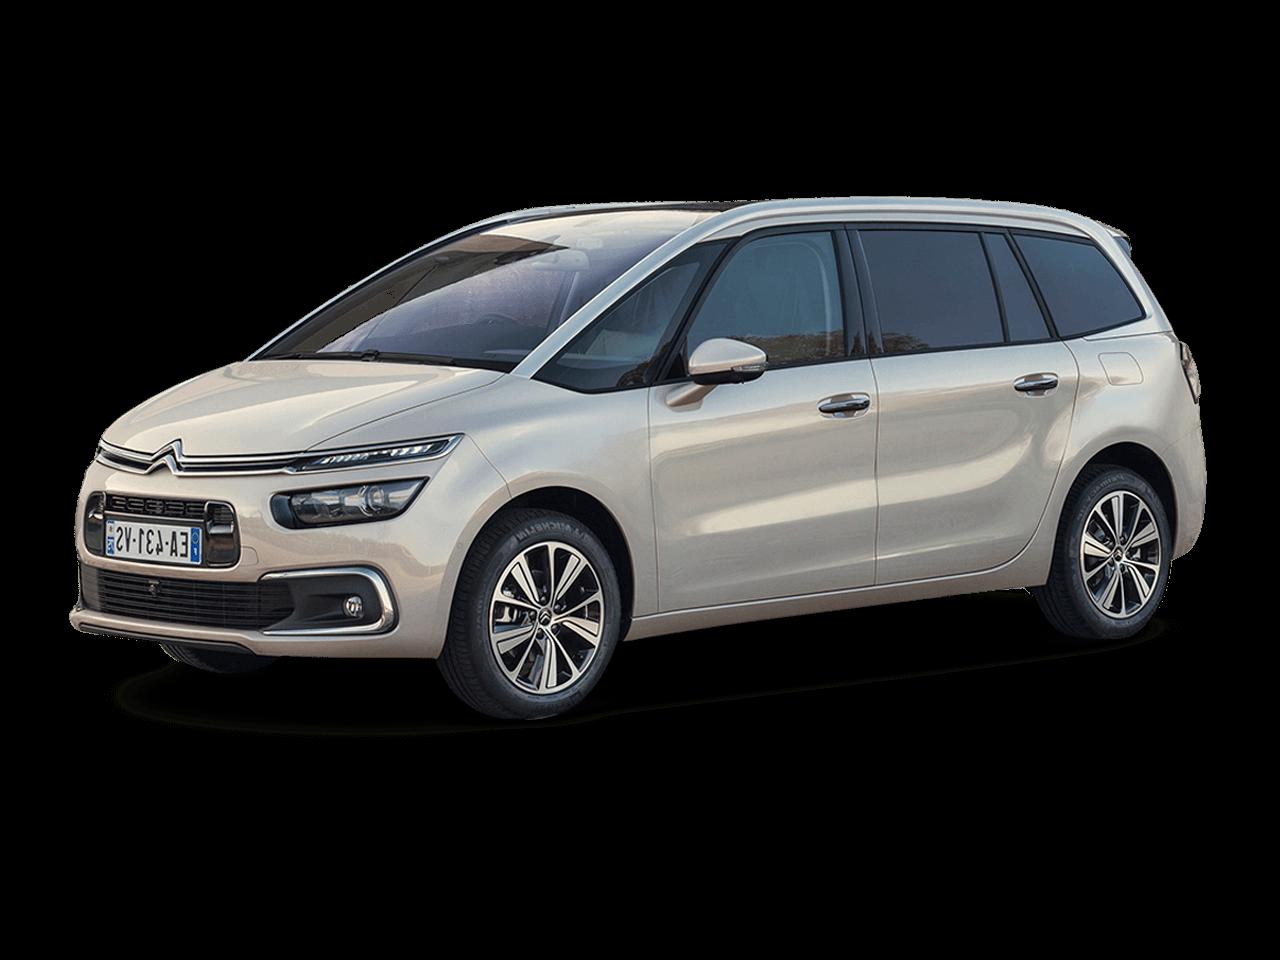 Citroën C4 Grand Picasso 7 zitter zuinig